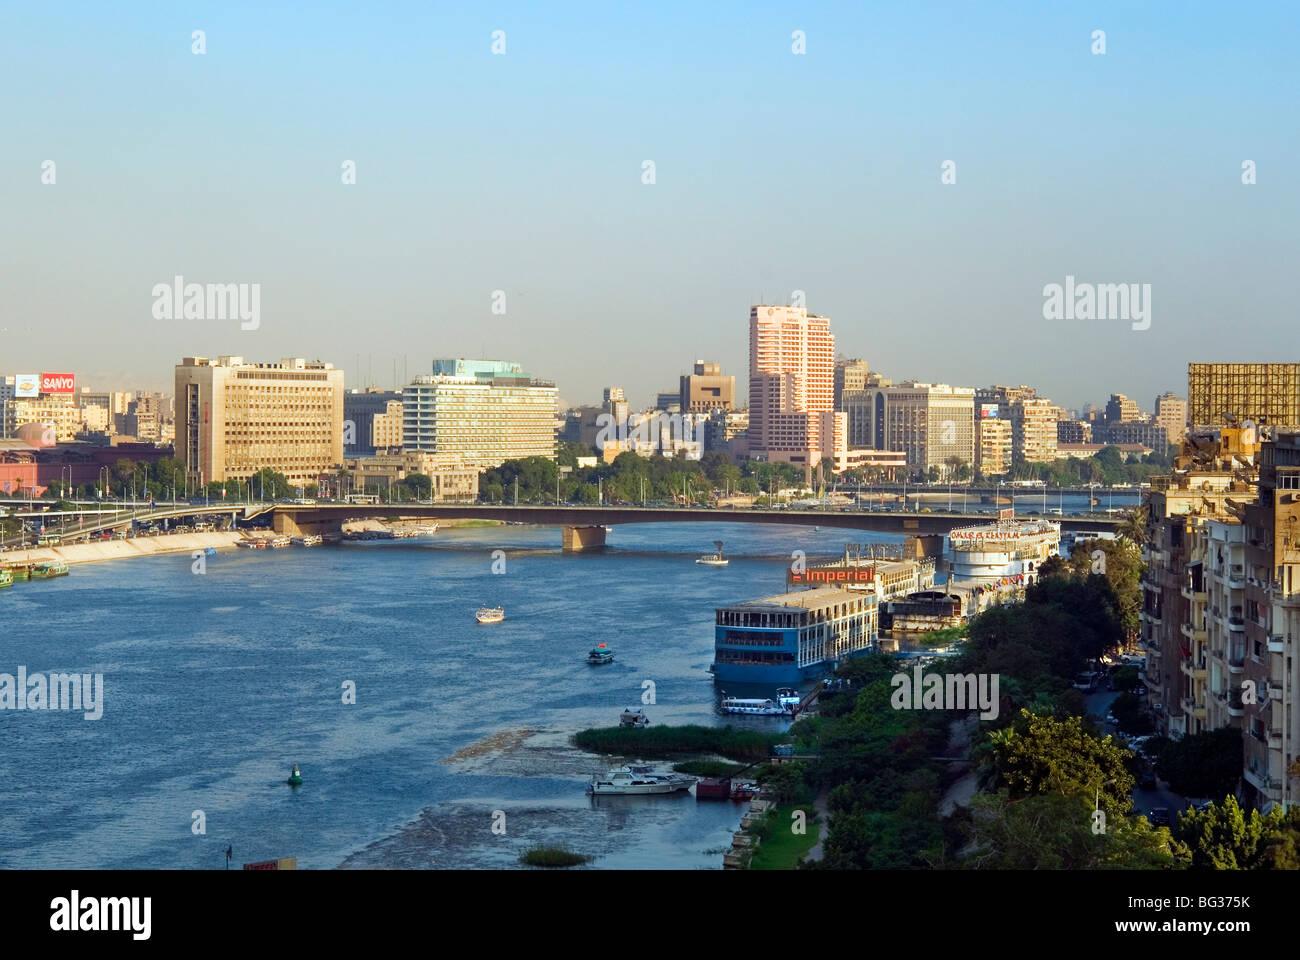 Corniche El Nil, Fiume Nilo al Cairo, Egitto, Africa Settentrionale, Africa Immagini Stock